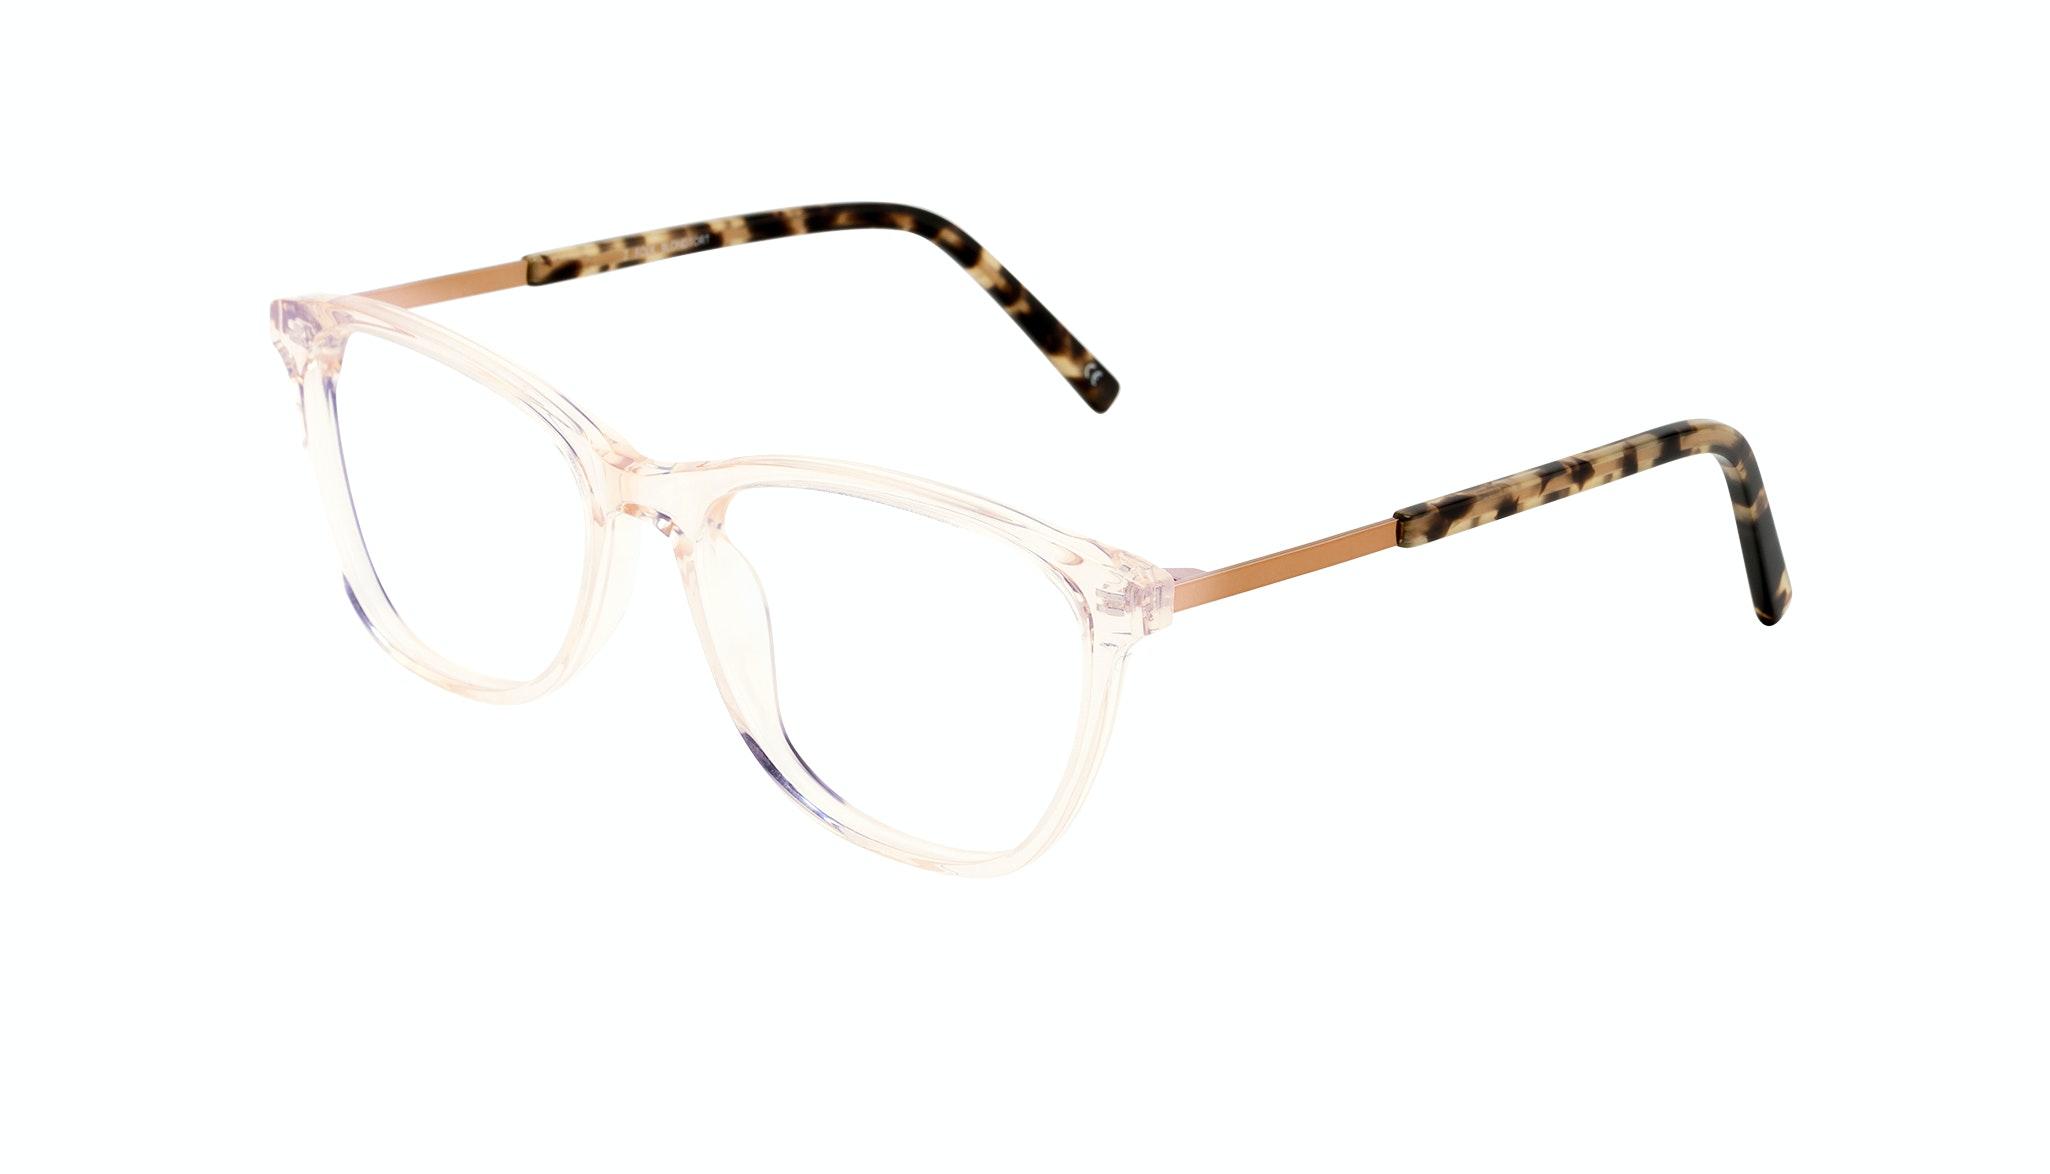 Affordable Fashion Glasses Cat Eye Rectangle Eyeglasses Women Folk Blond Tortoise Tilt